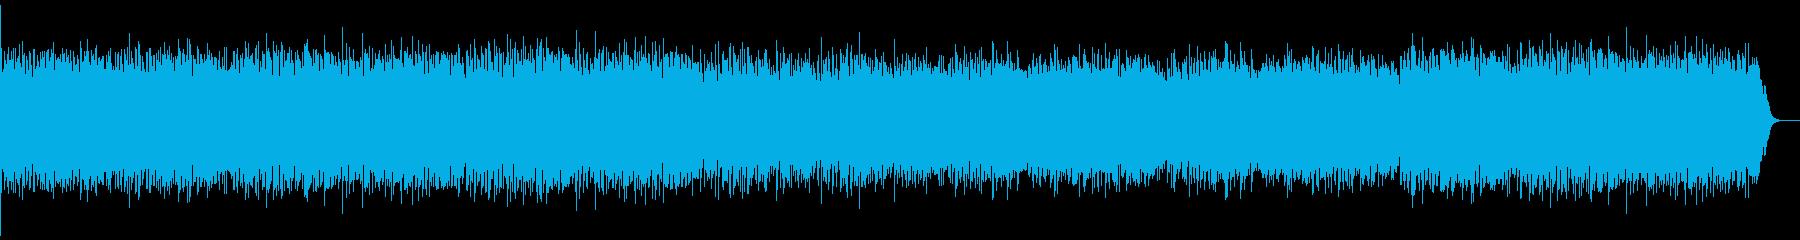 管弦楽組曲第一番 ガボットの再生済みの波形